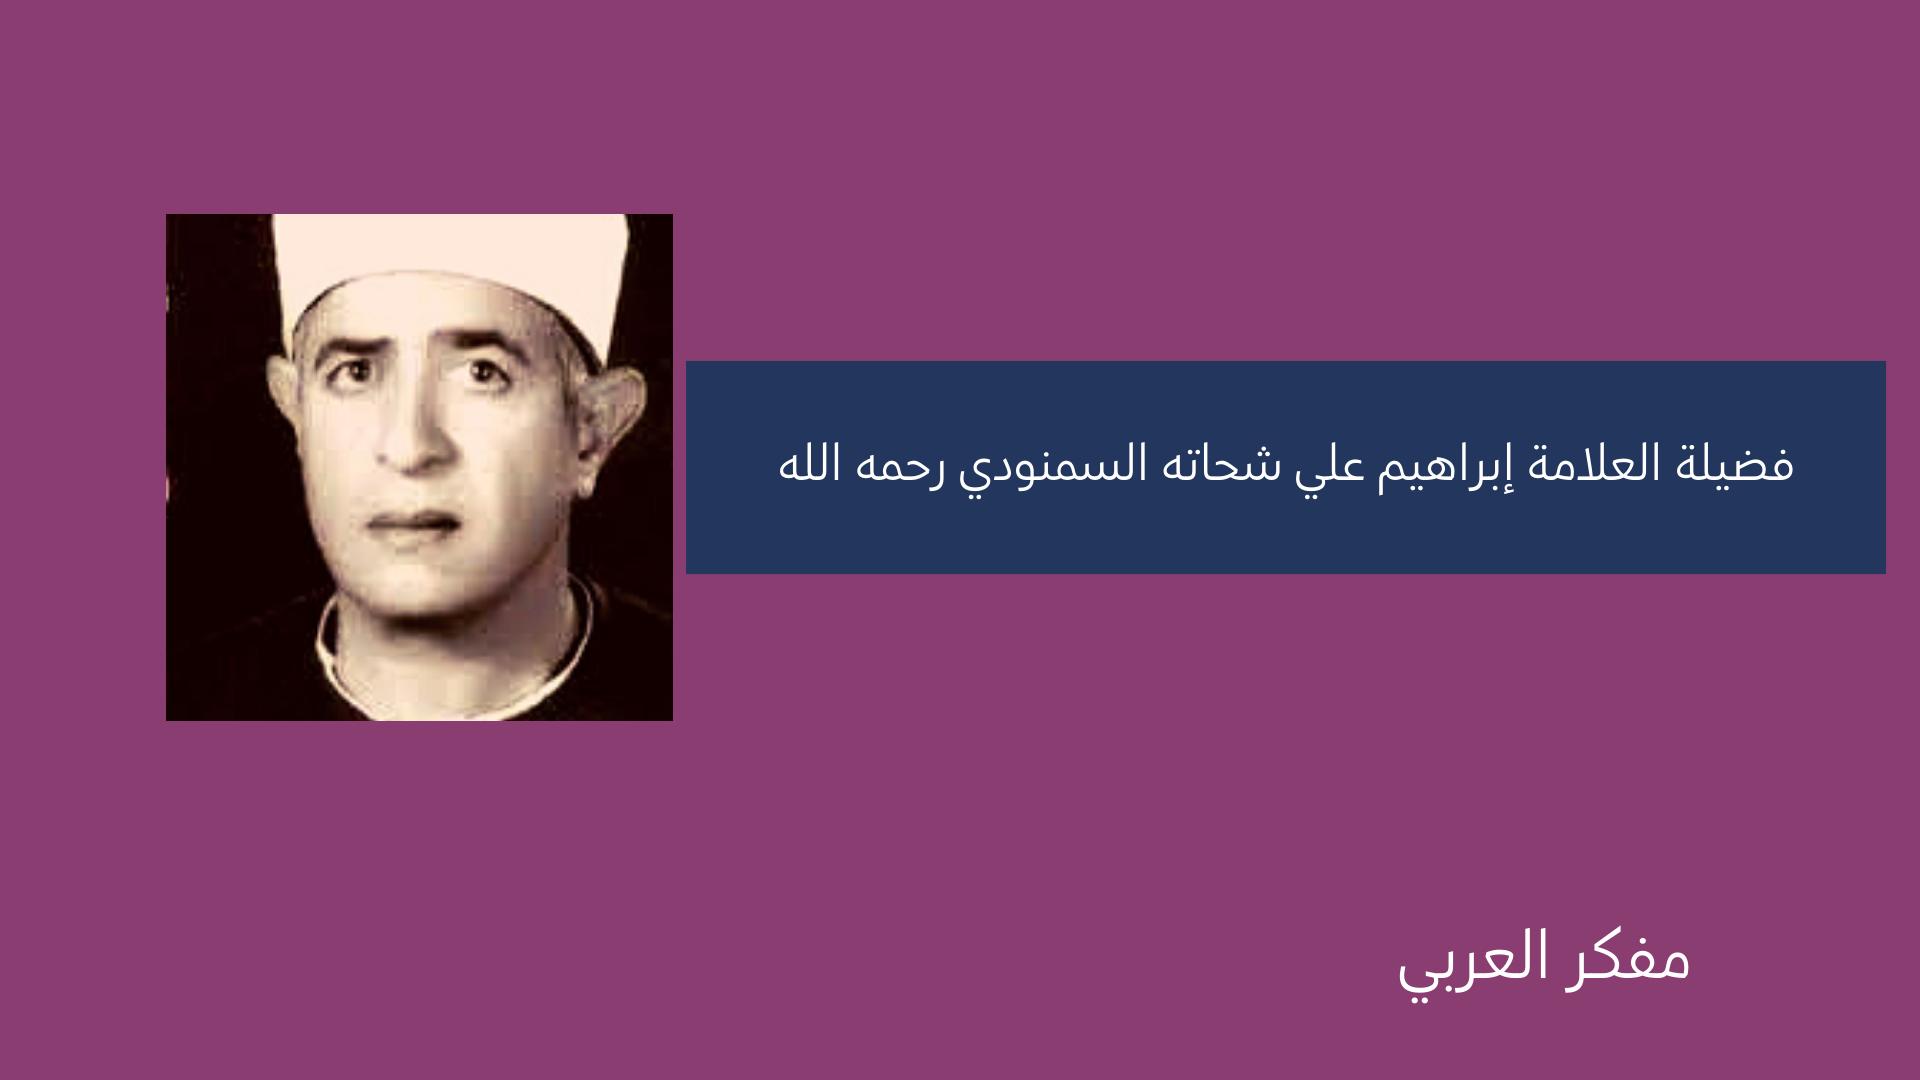 الشيخ إبراهيم علي شحاته السمنودي